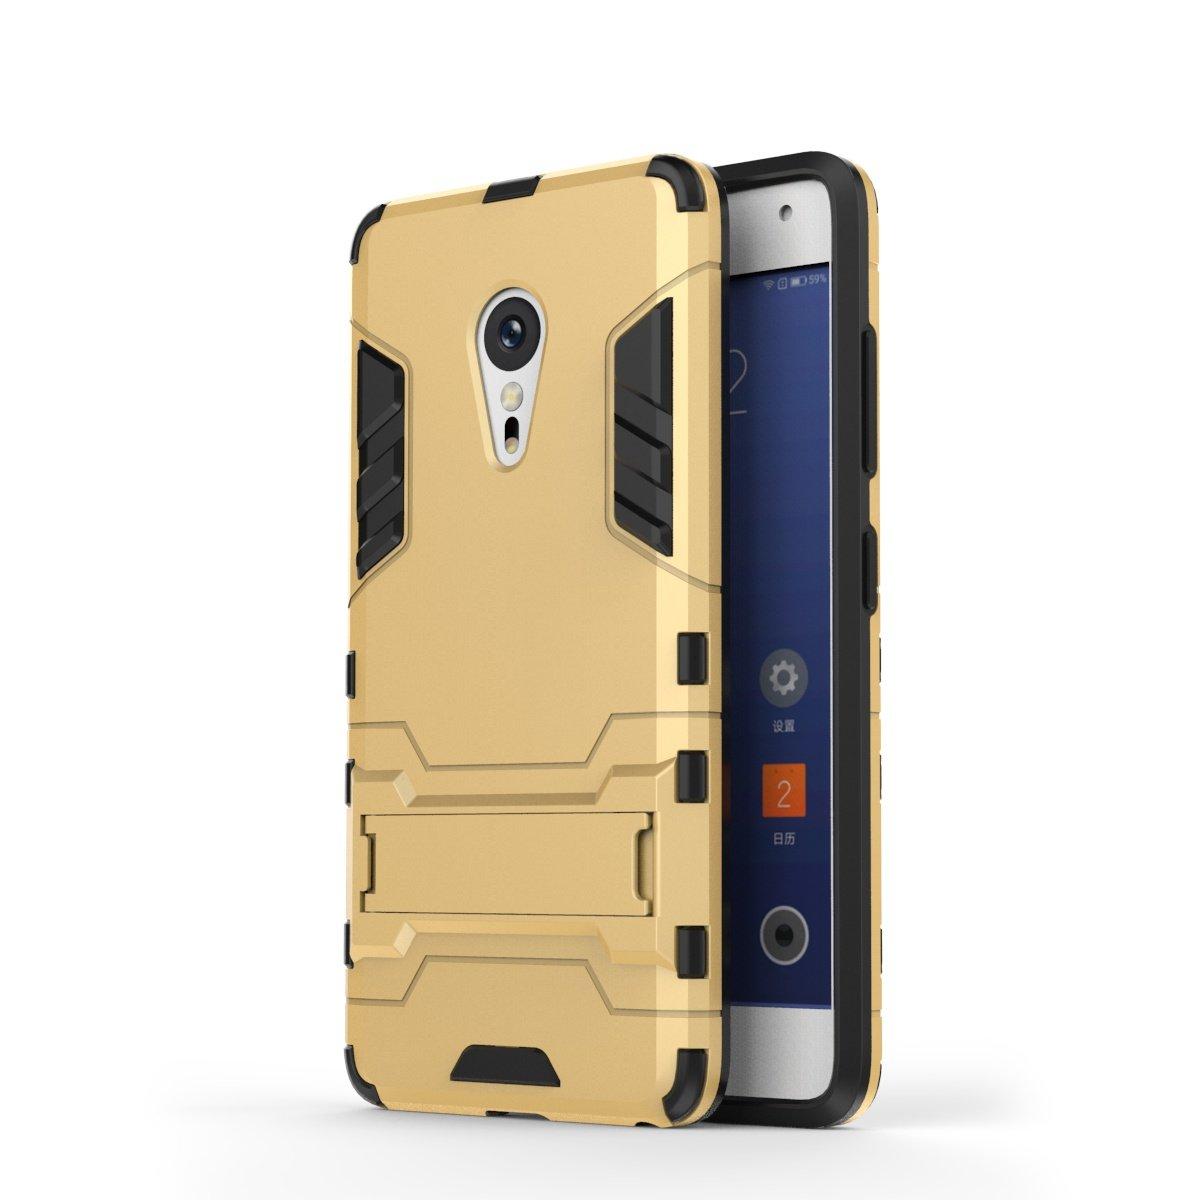 Funda Para Meizu MX6 , pinlu® Alta calidad bicapa mixto antideslizante Cover Phone Shell Con Soporte Función Anti-arañazo Caja de Teléfono Azul oscuro